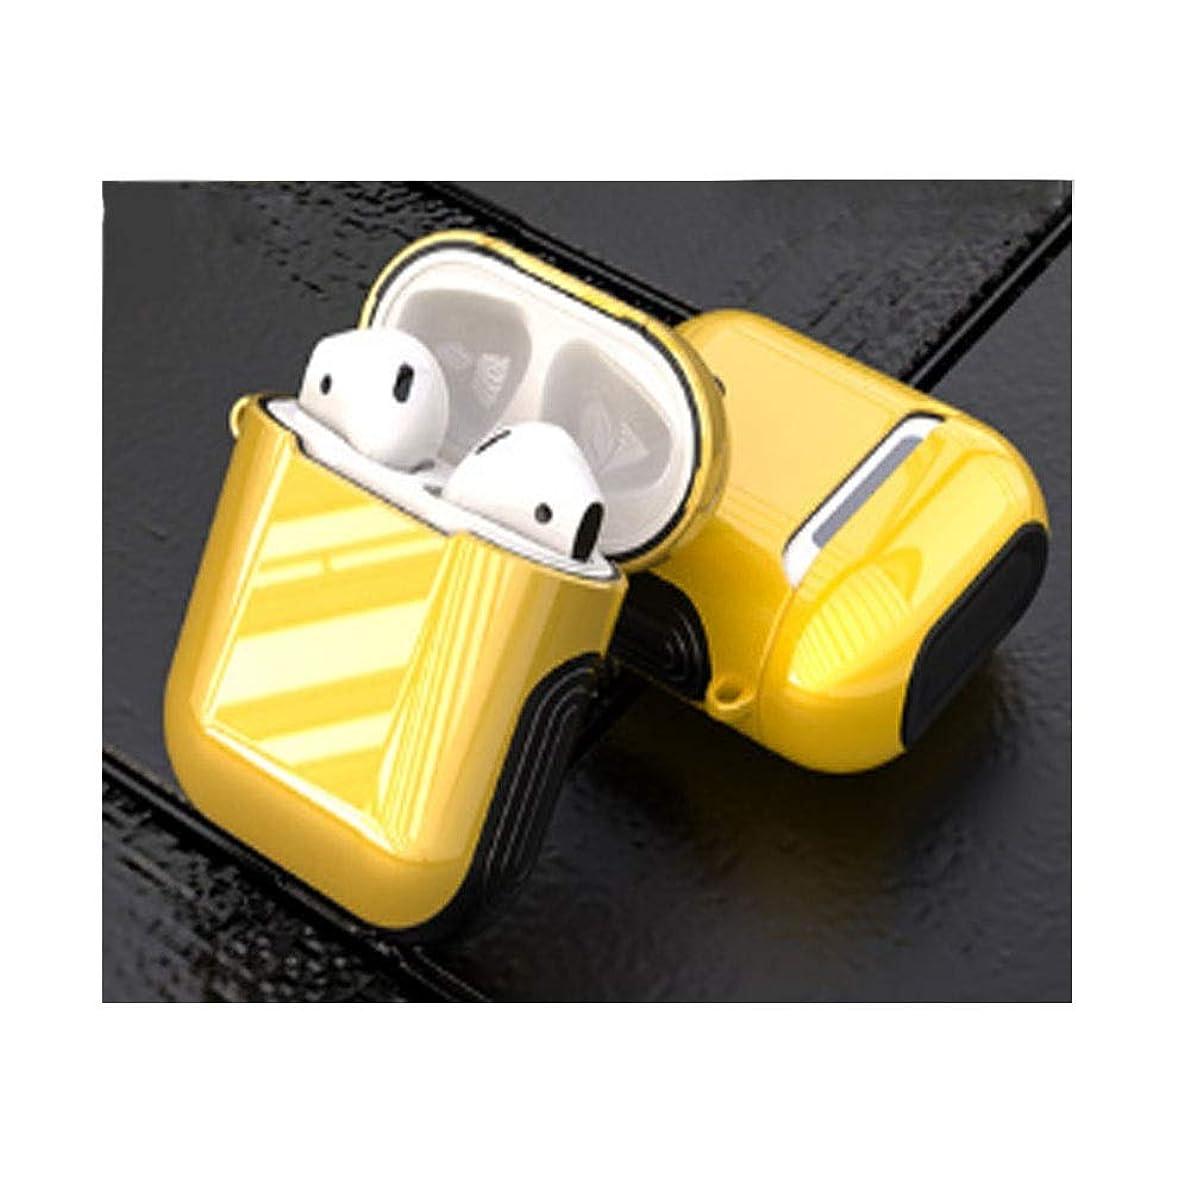 不健康妨げる腹部ヘッドホンセット、アンチドロップ収納AirPodsケース、防滴性と耐久性、快適な使用、美しい贈り物(ブラック、ピンク、レッド、ホワイト、イエロー) (Color : Yellow)